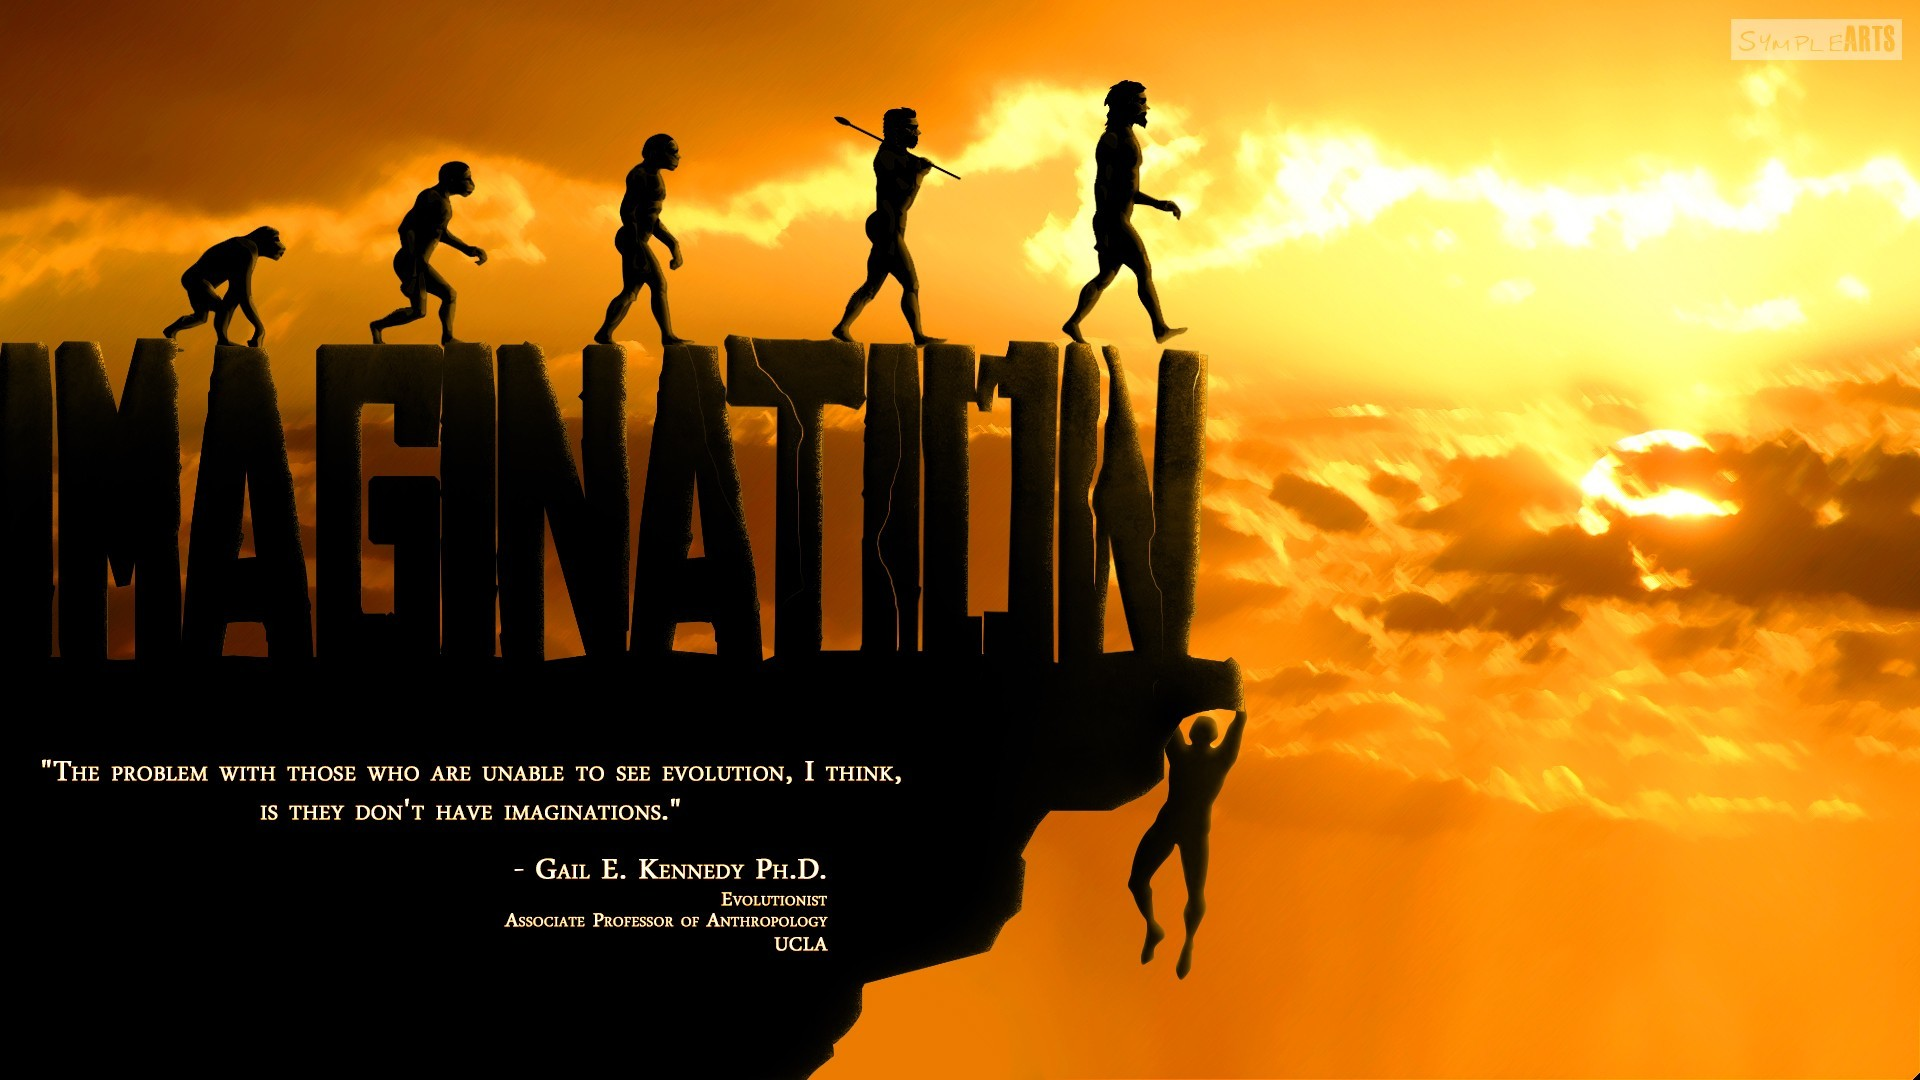 imagination-evolution-hd-wallpaper-596901